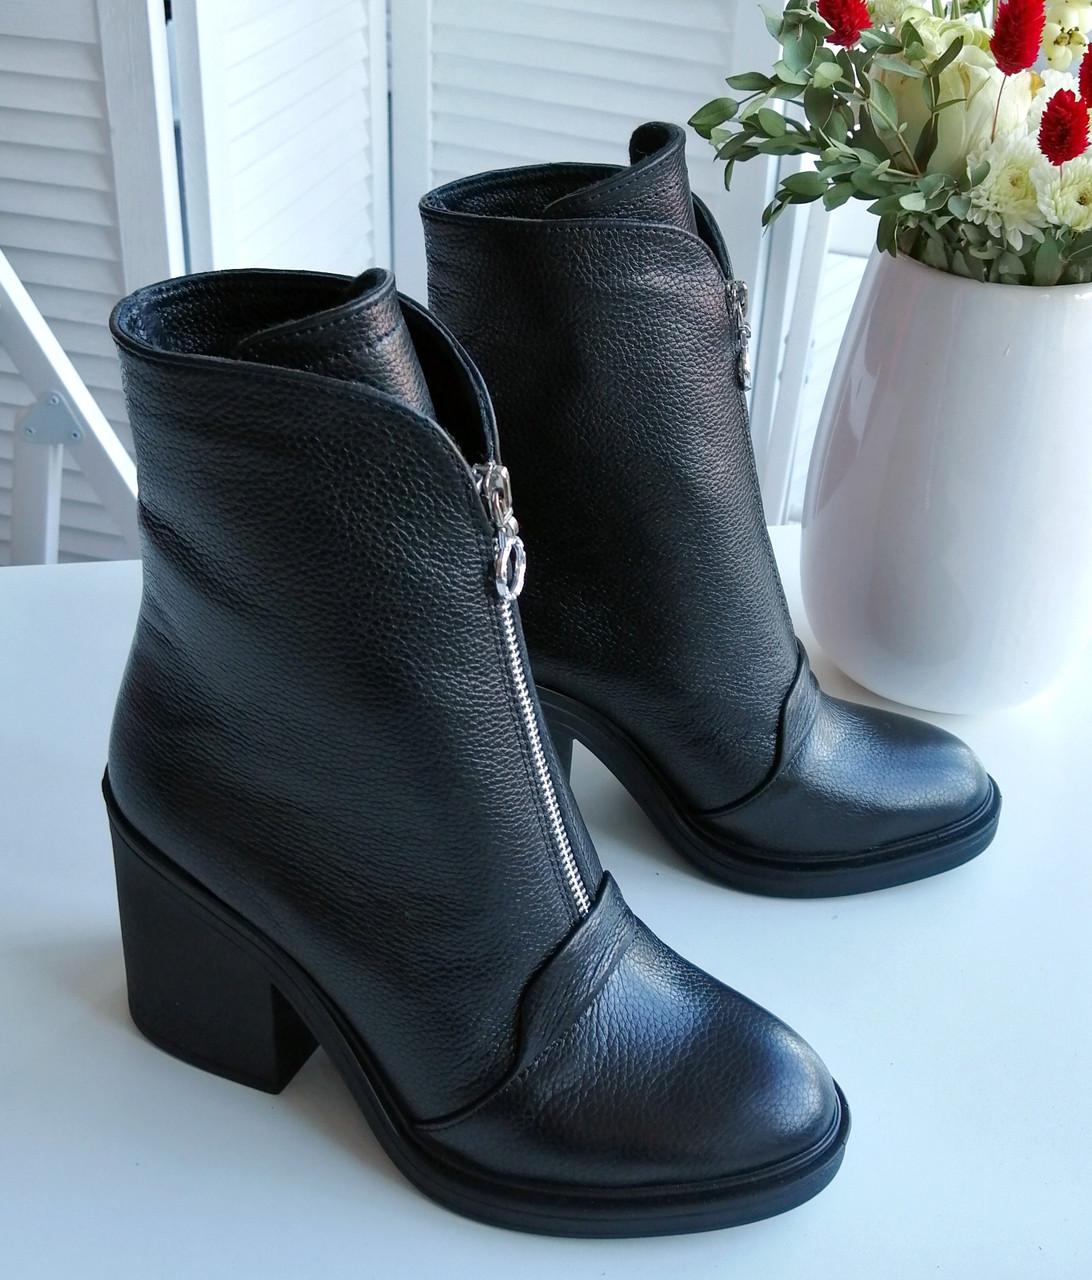 Жіночі черевики на широкому каблуці від виробника